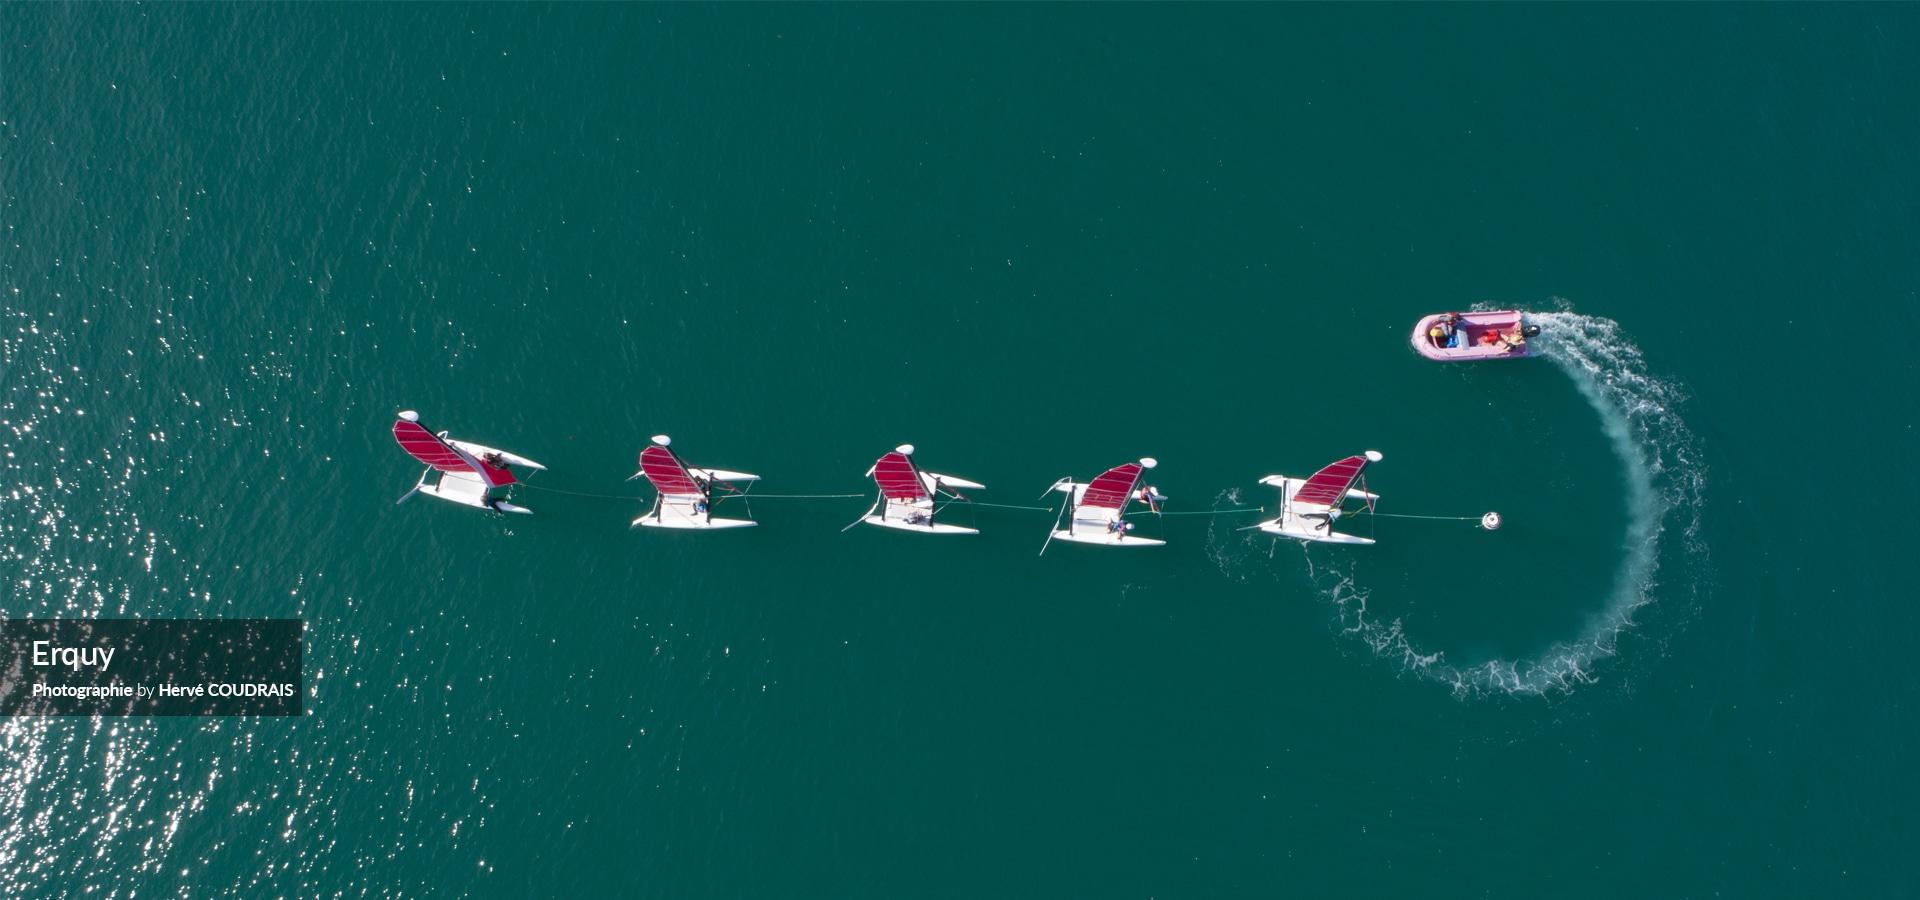 Erquy, l'école de voile, catamaran, le port d'Erquy, Côtes d'Armor, Bretagne, drone, tourisme, vu du ciel,